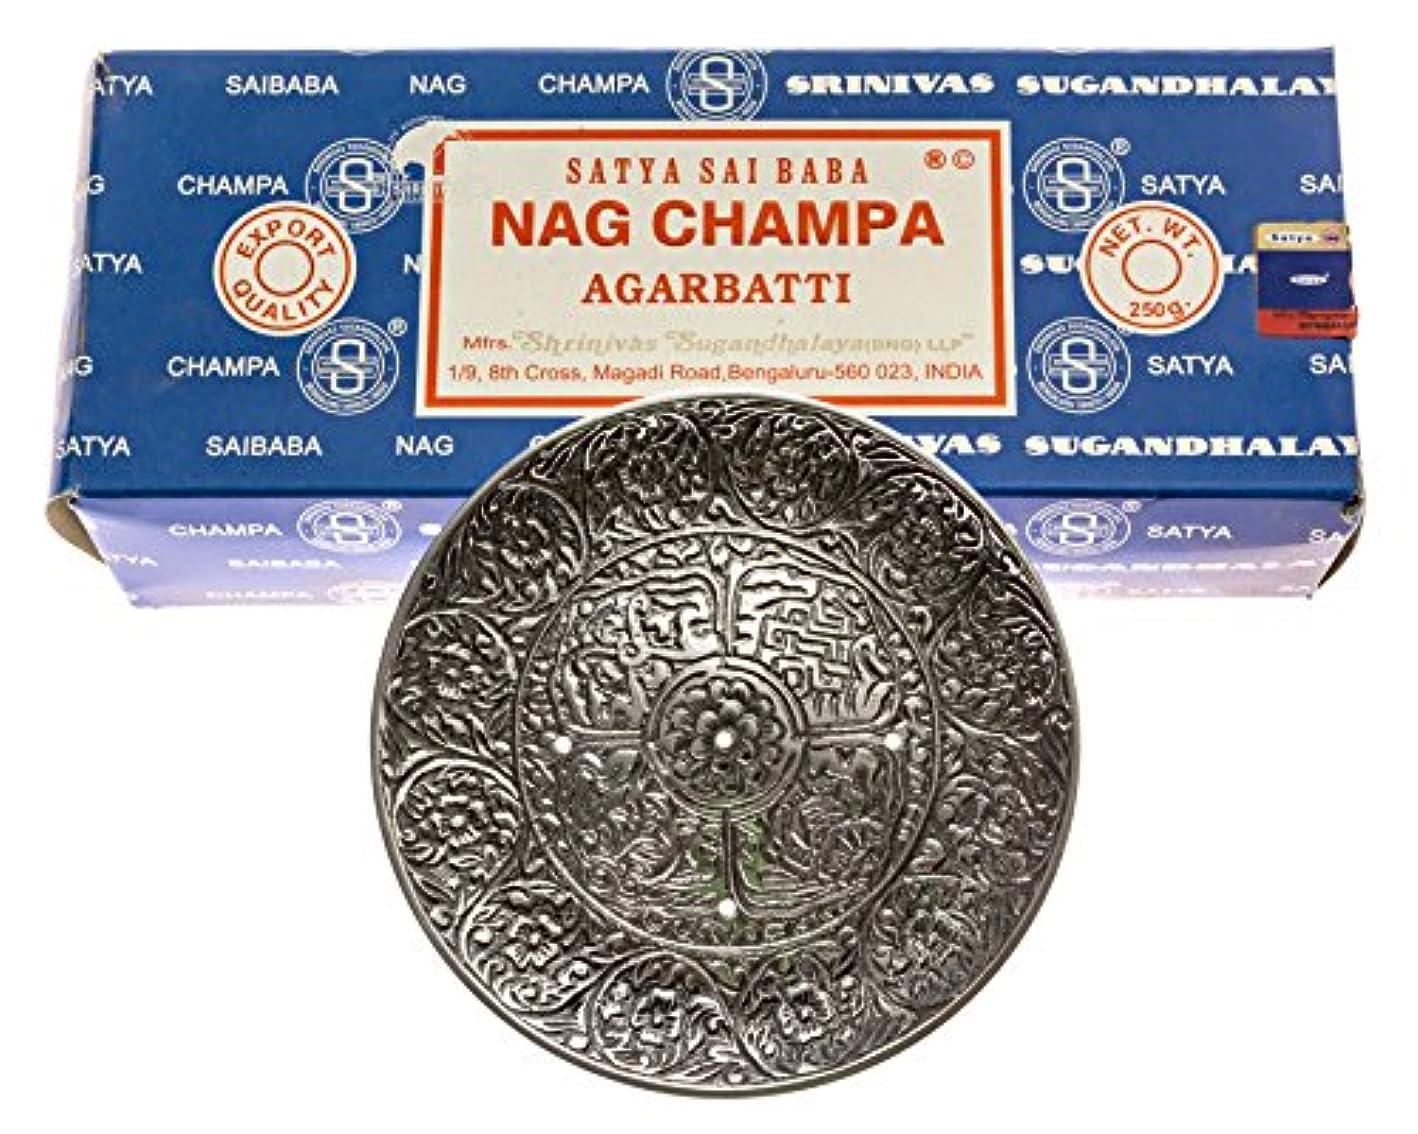 コントラスト眼潤滑する250グラムSatya Sai Baba Nag Champaバンドルwith alternative想像力Incense Burner